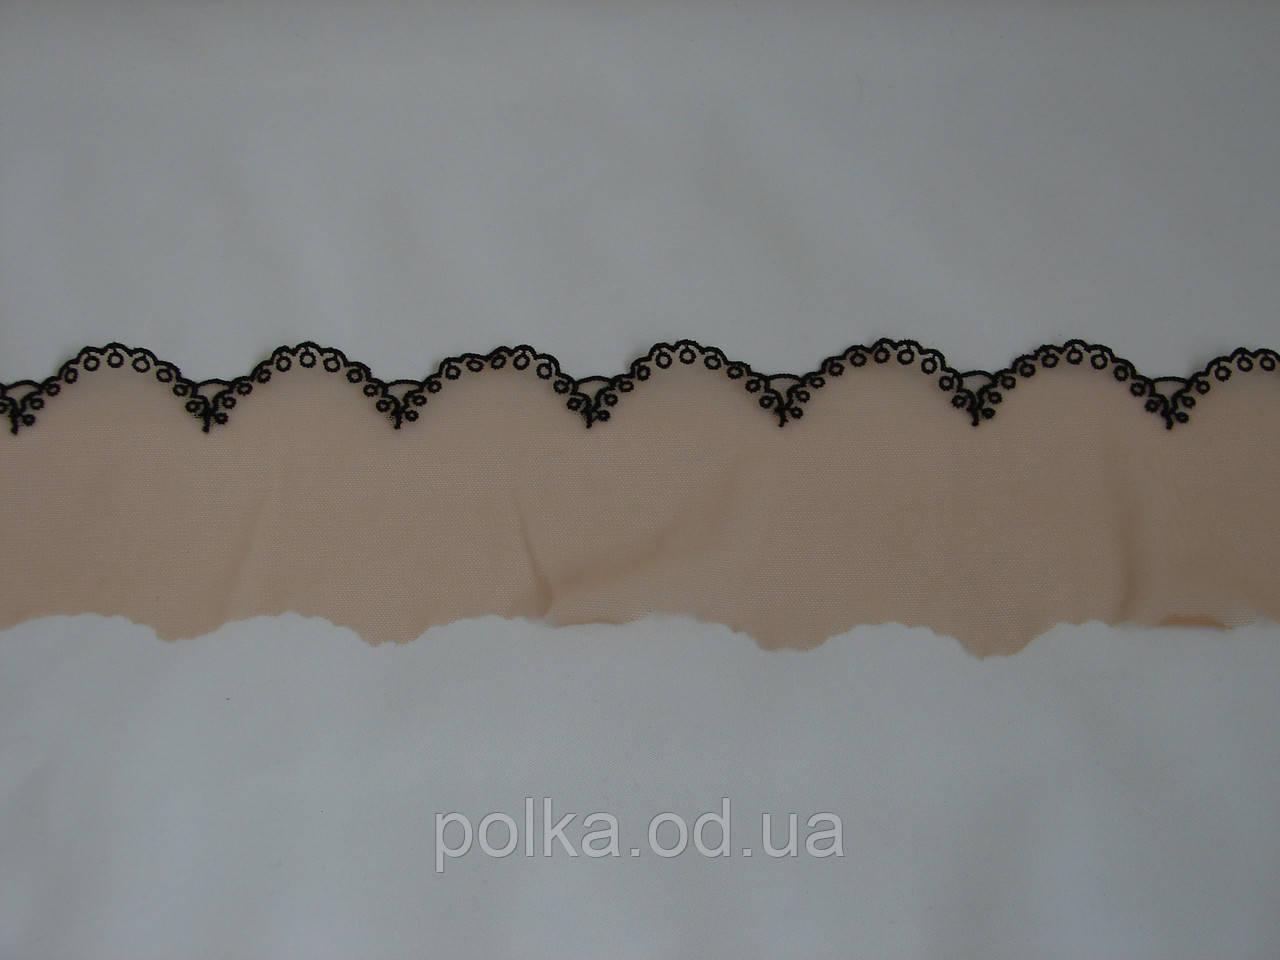 """Вышивка на сетке """"ажур"""", ширина 8см, цвет бежевый с черным, Италия"""